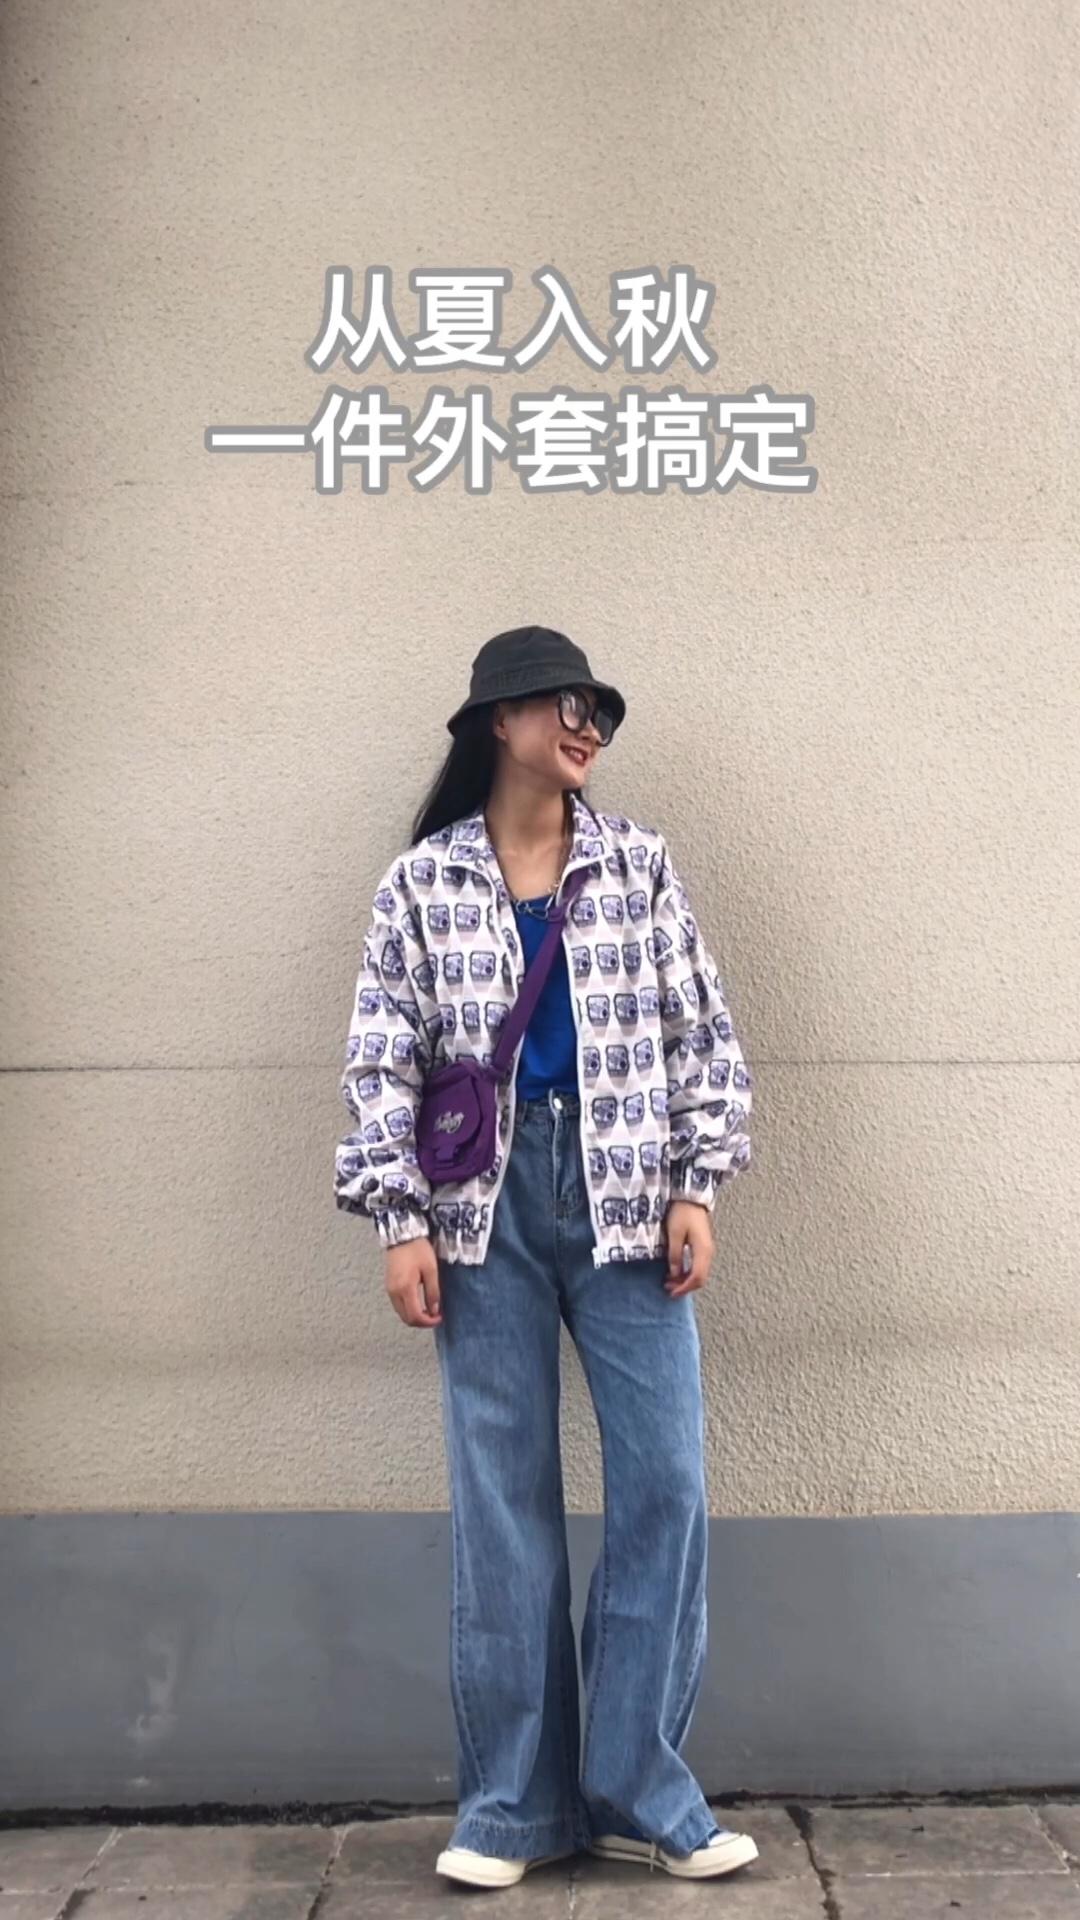 身高160 体重45 南方 这次搭配选择了秋装外套搭配宽松阔腿喇叭牛仔裤,显身材显瘦,以秋日为主的风格来,全身有同色系的服饰和配饰,搭配起来快速完整。而且宽松长裤很显瘦高,小矮个的我穿起来腿长一米二了。 分享小个子穿搭,学习穿搭可以关注我哦!#夏→秋,一件外套搞定!#